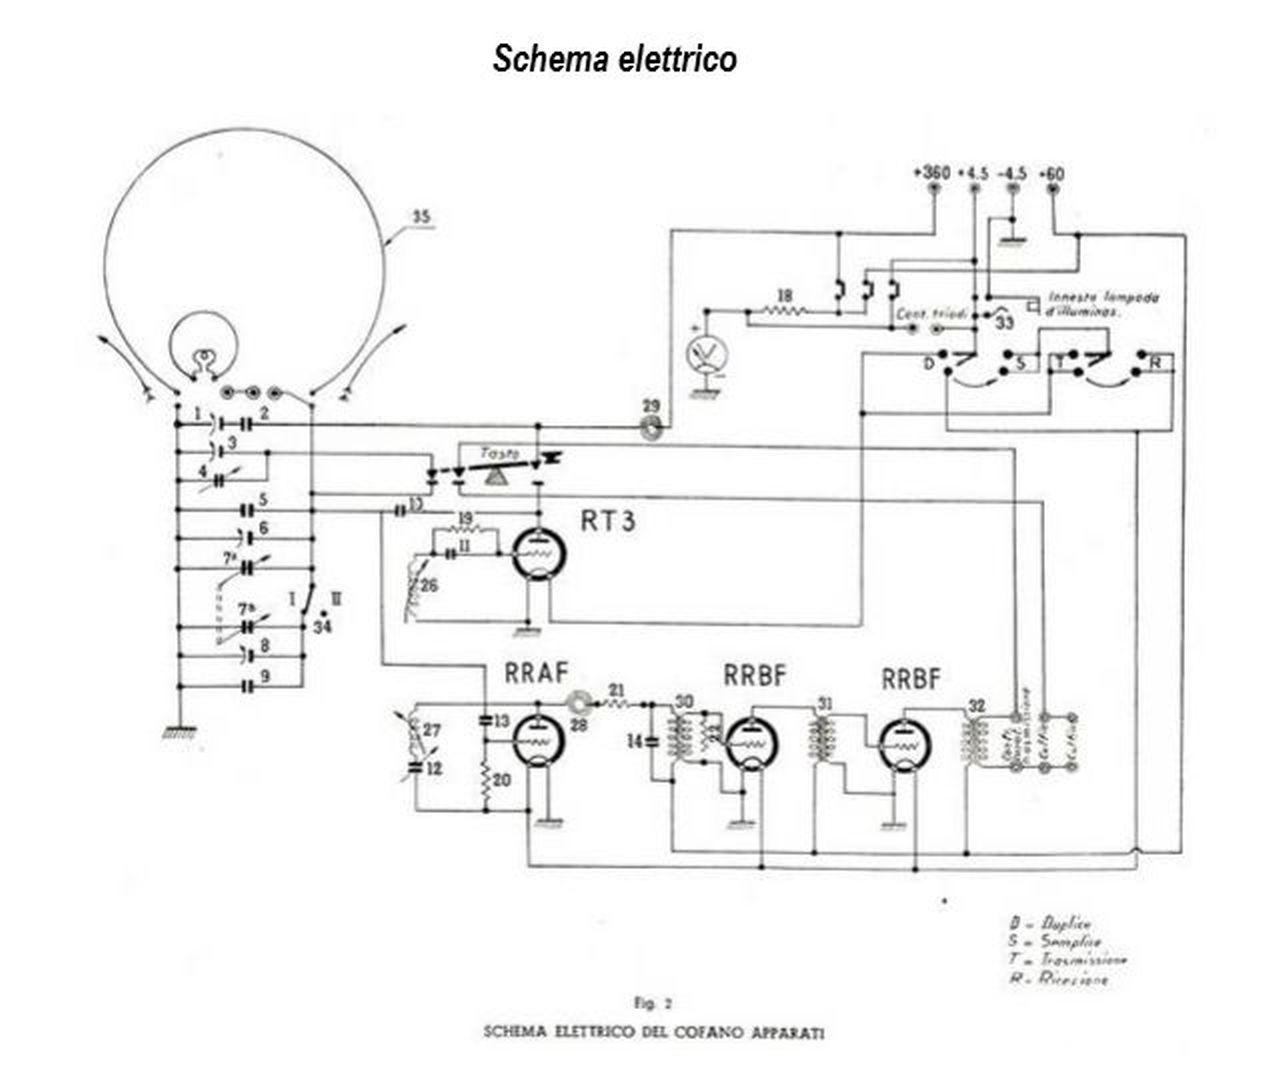 Schema Elettrico Fiat D : Schema elettrico fiat r d fare di